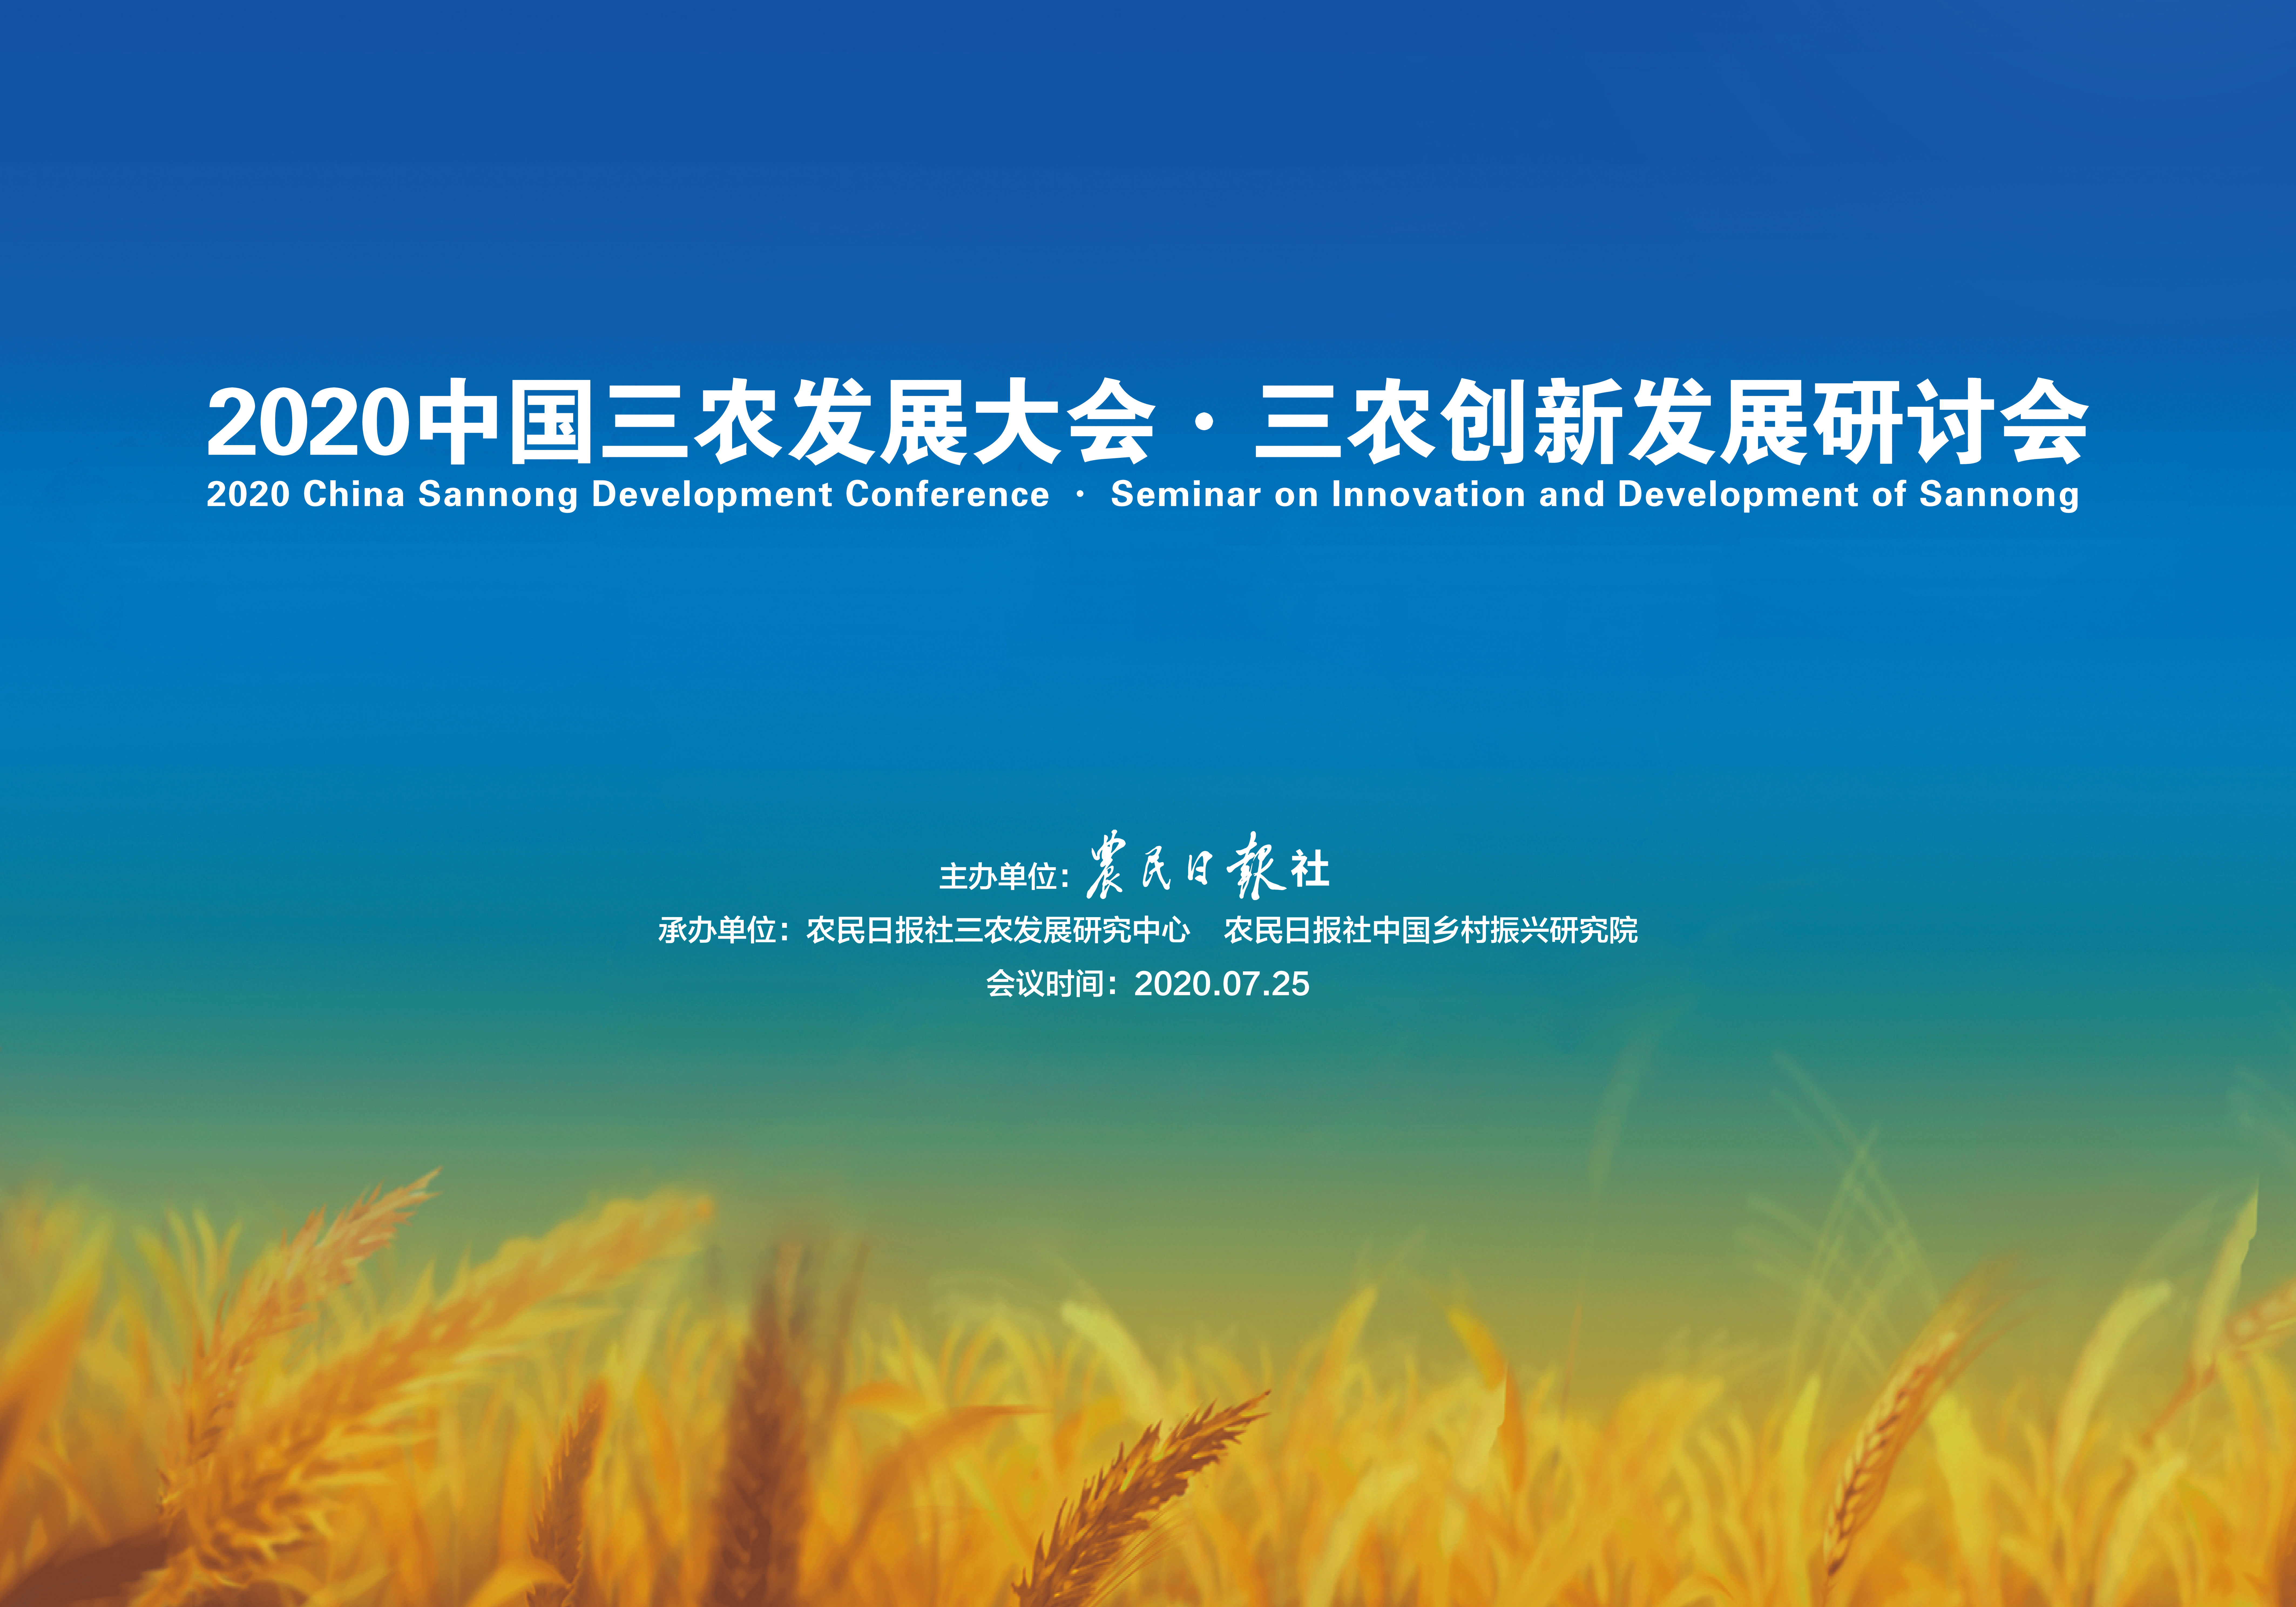 2020中国三农发展大会召开